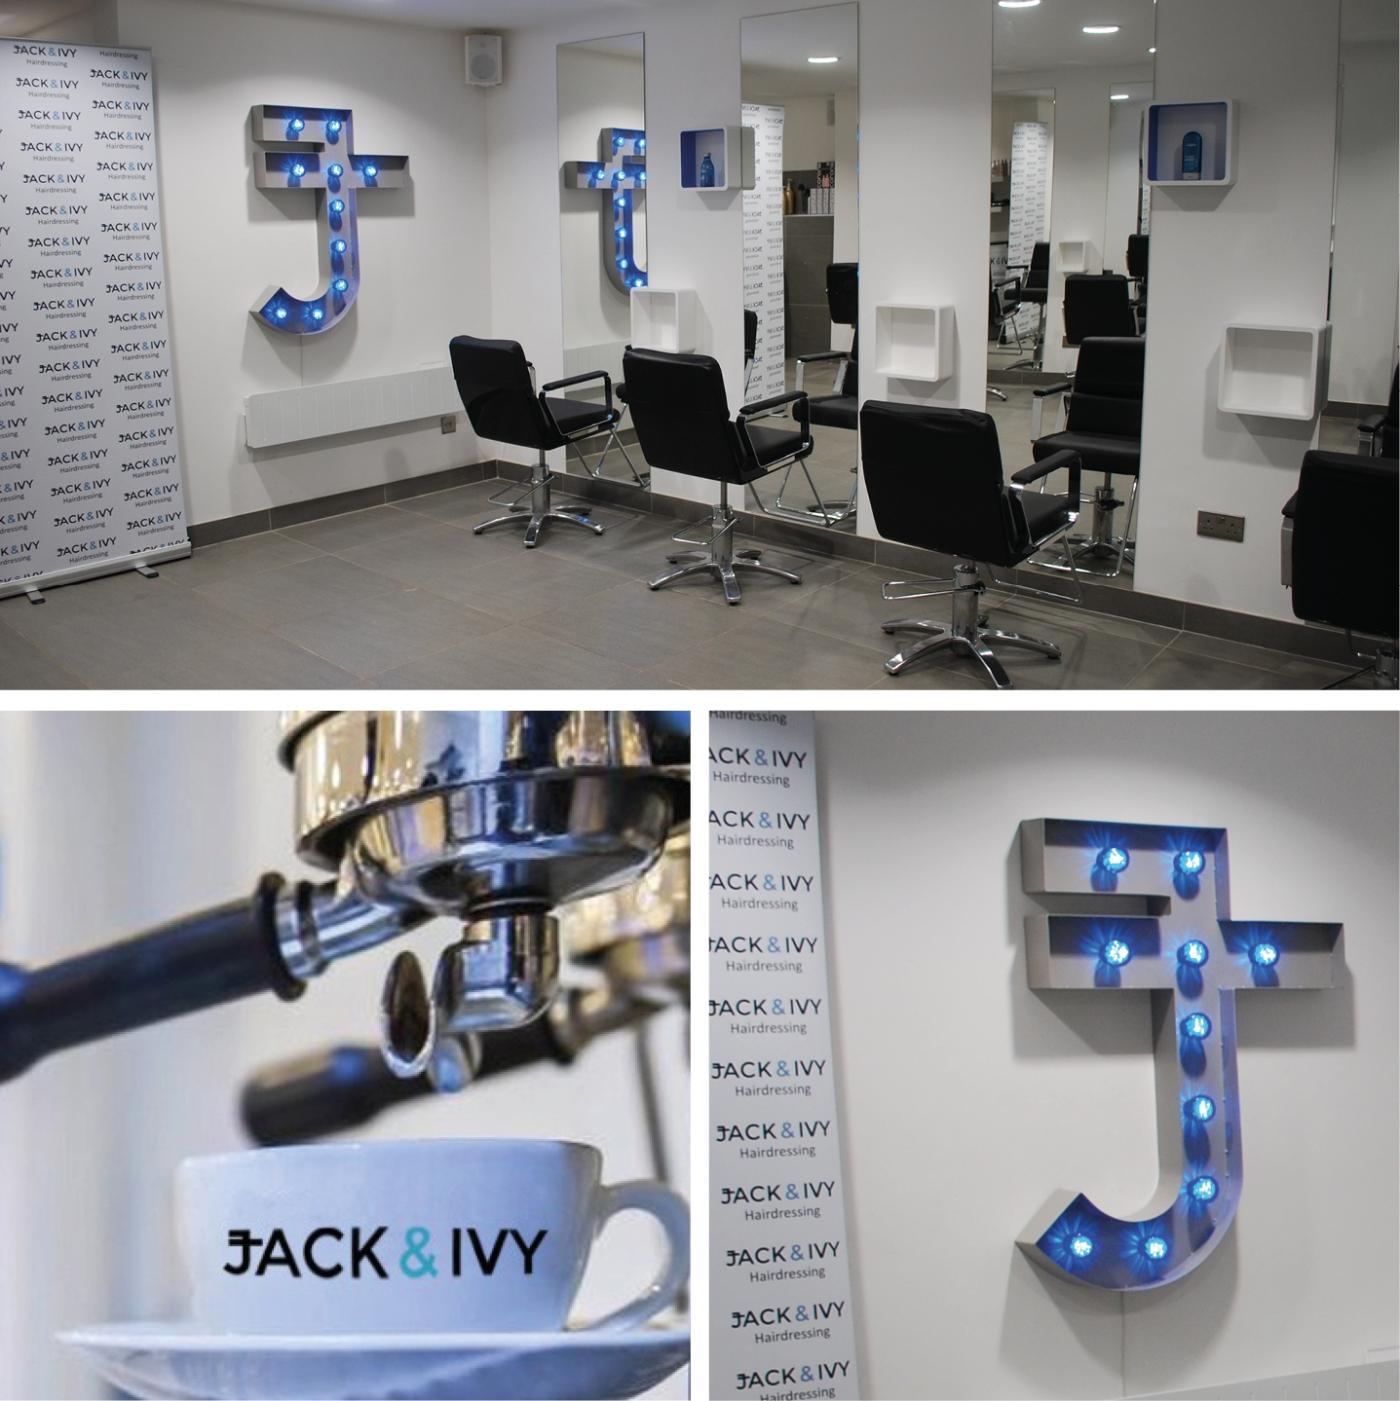 jackandivy2